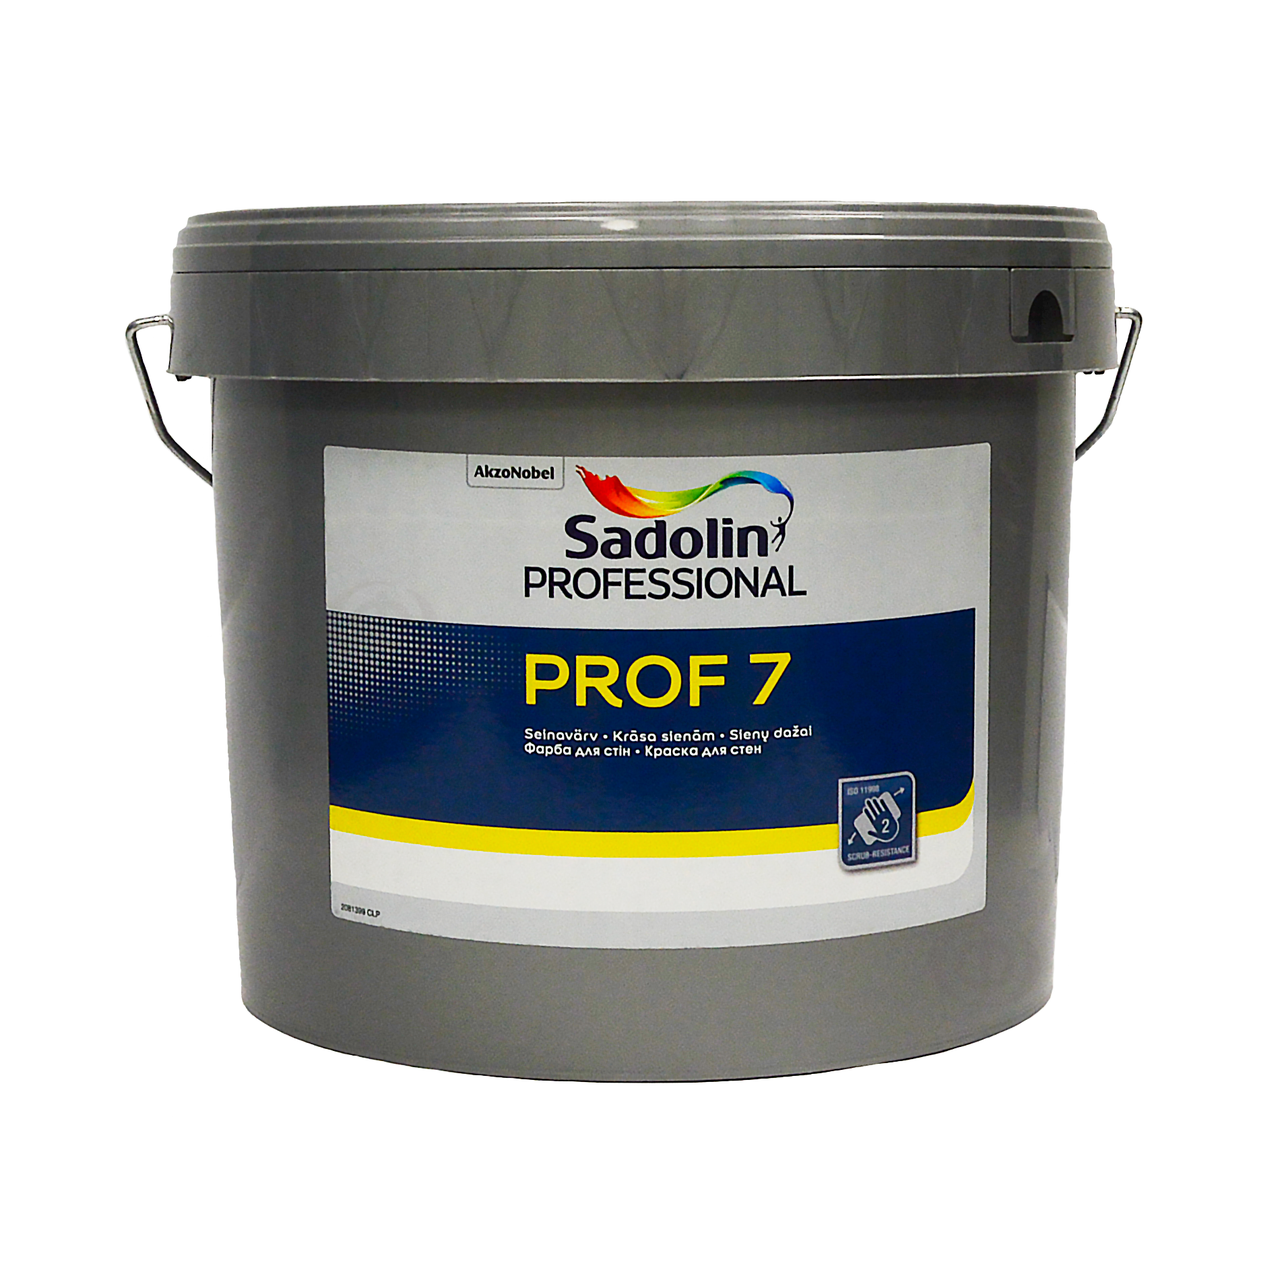 Матовая латексная краска Sadolin PROF 7 Белая 10 л для внутренних работ